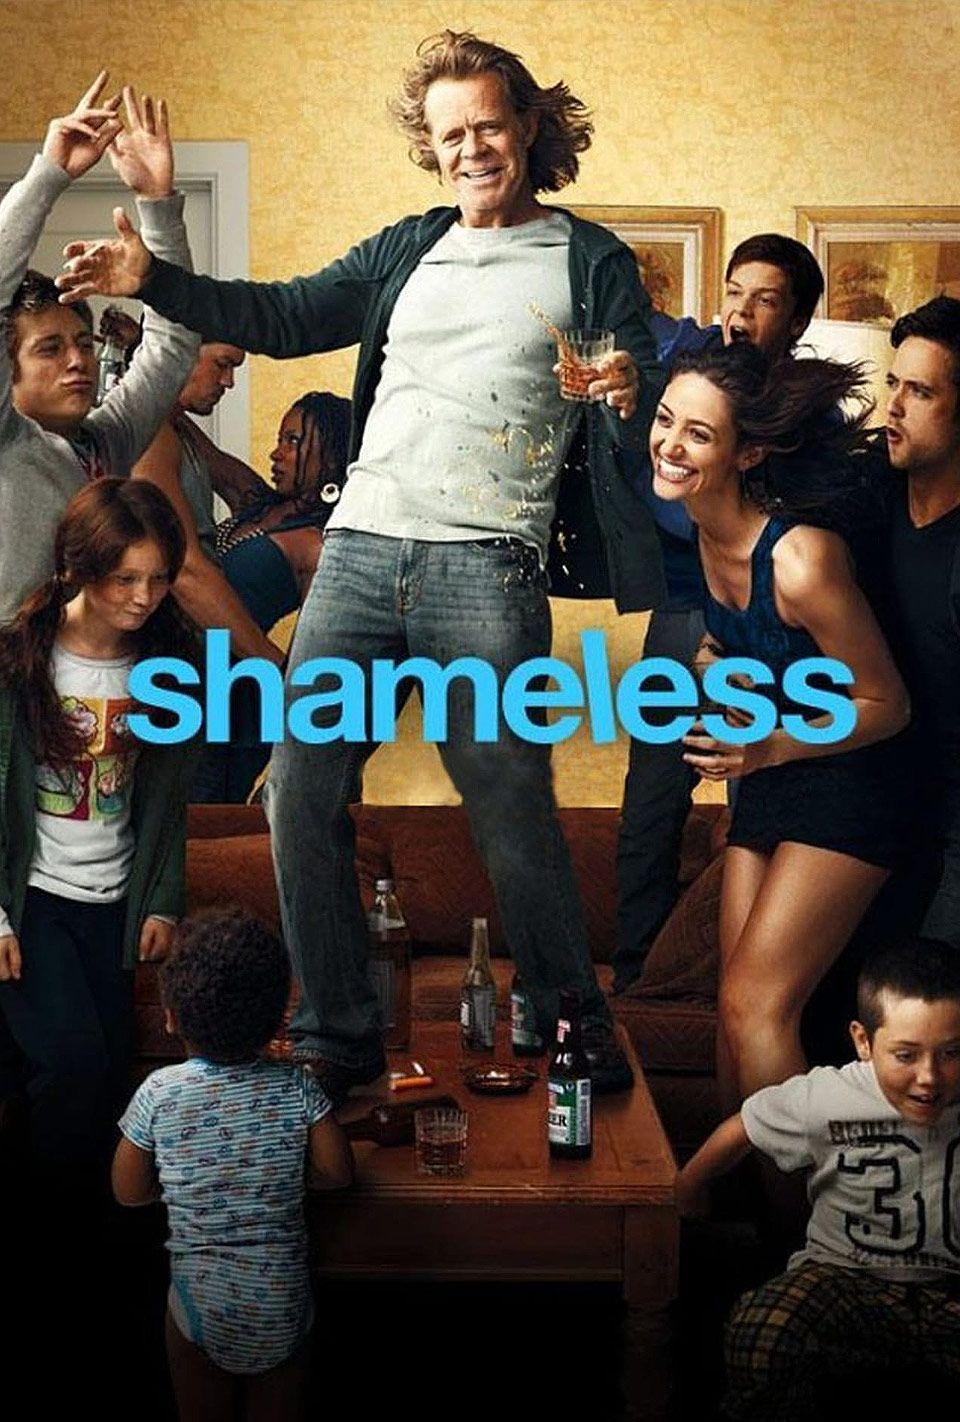 Read The Shameless 1x01 Pilot 2011 Script Written By Paul Abbott And John Wells Shameless Season Shameless Tv Show Shameless Season 1